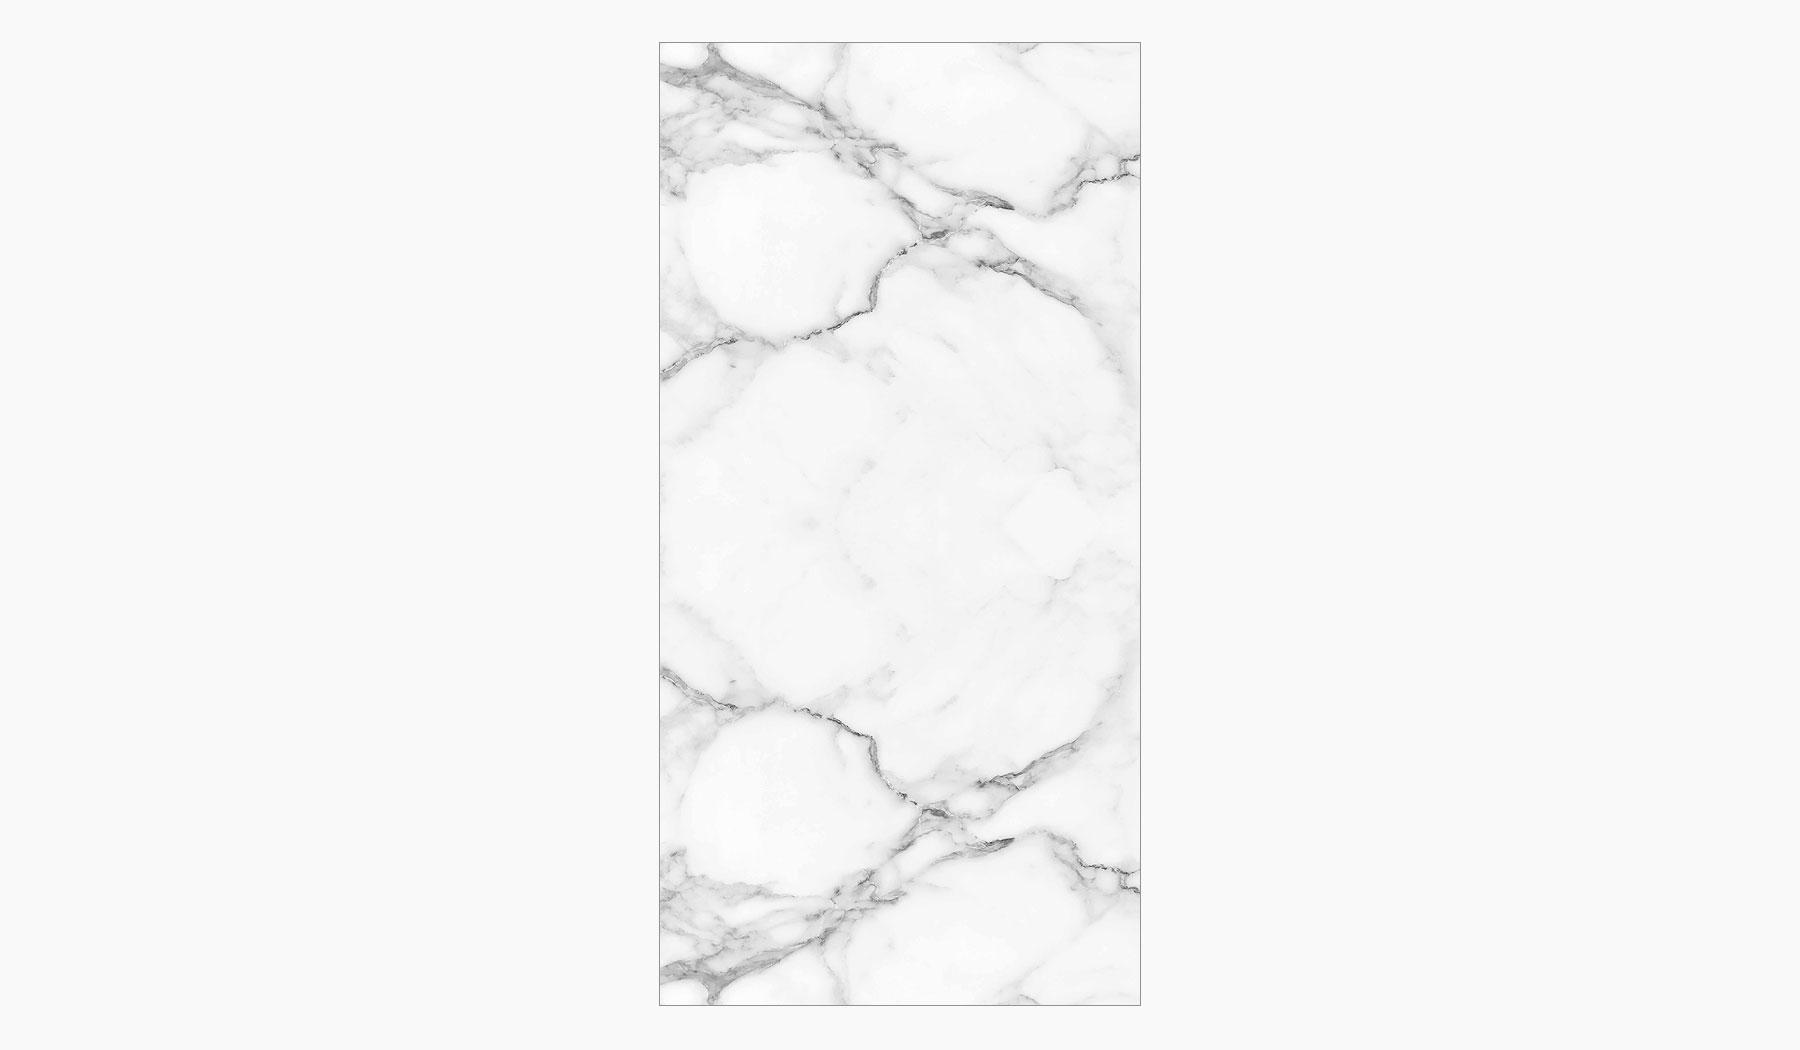 کاشی و سرامیک بوم سرامیک ، سرامیک پرسلان راکی بوک مچ سفید سایز 120 * 60 لعاب فول پولیش صاف با زمینه سنگ